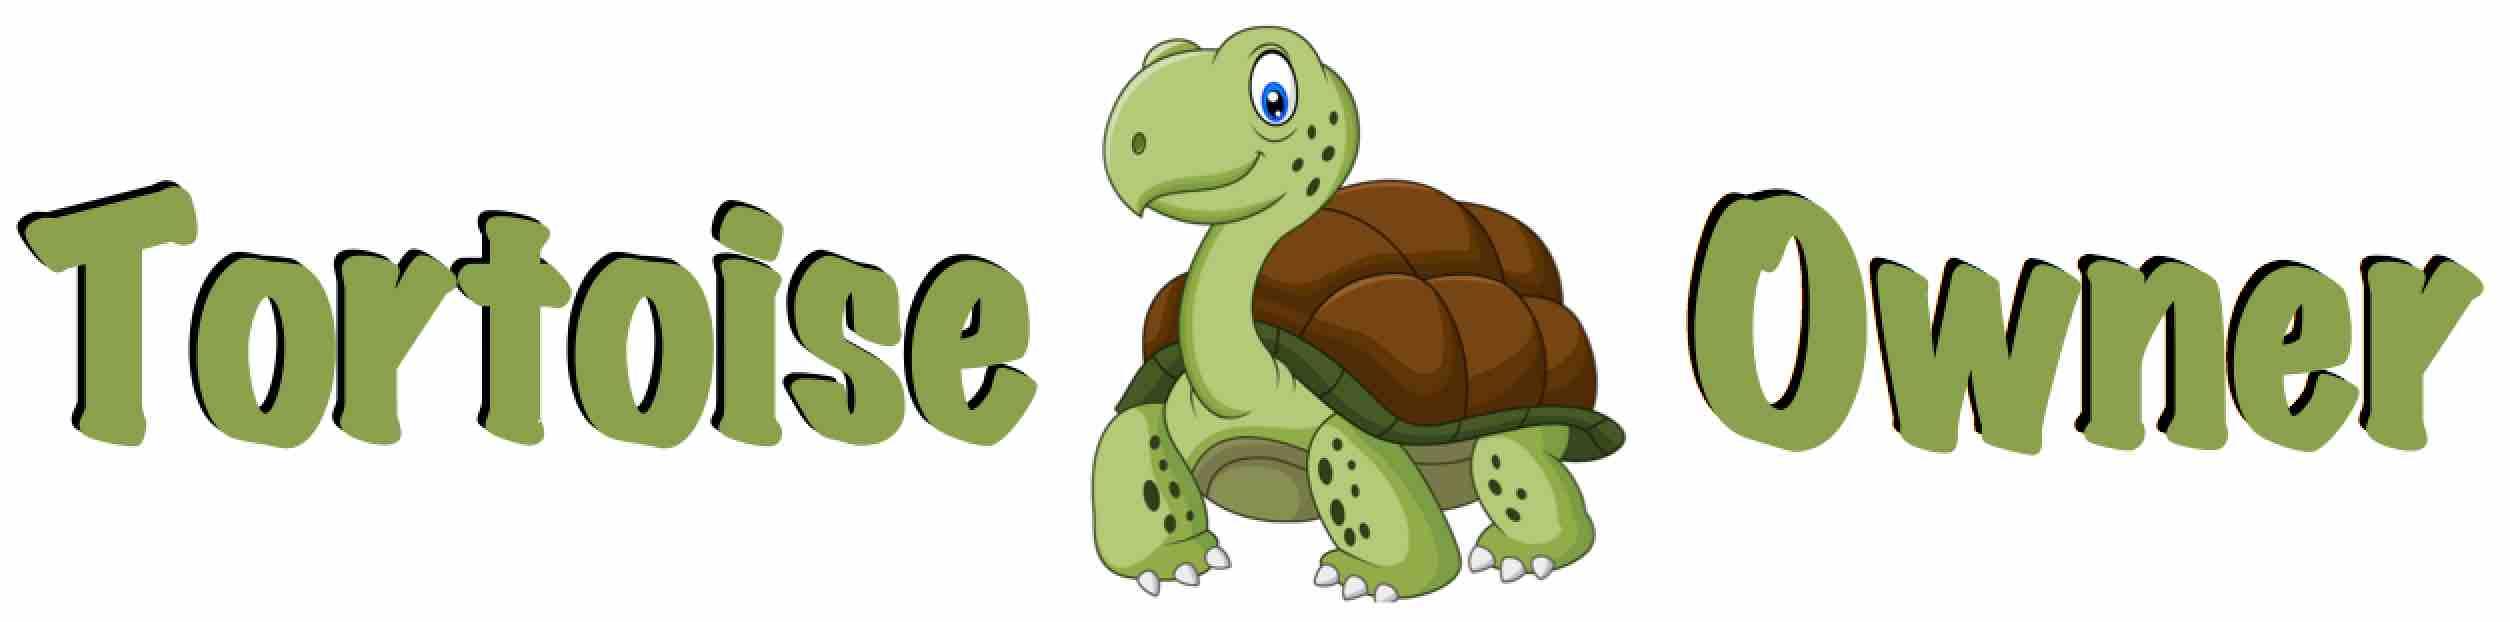 Tortoise Owner